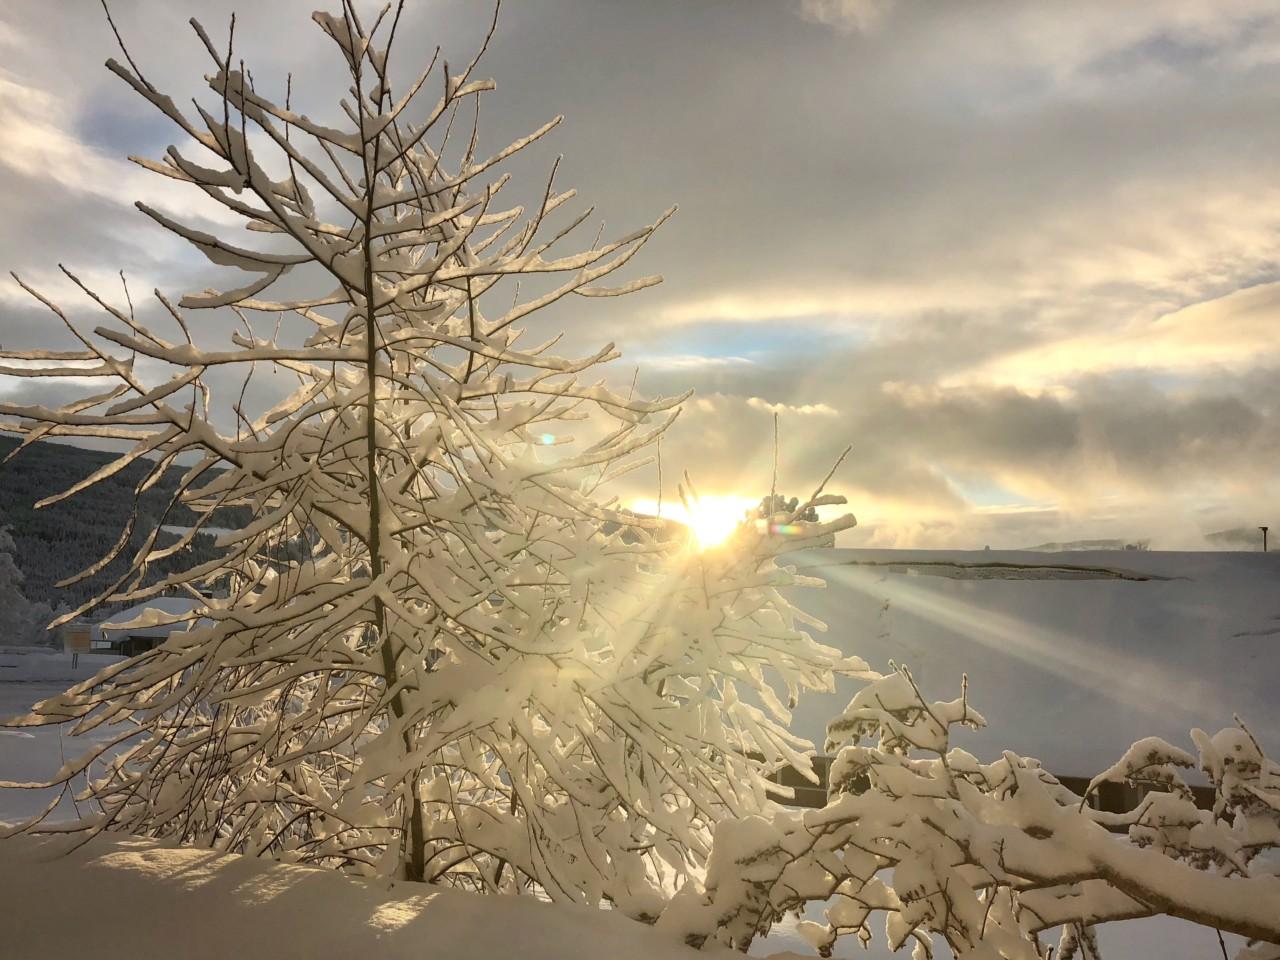 vinter-sol-juleferie-gausdal-anja-stang-no